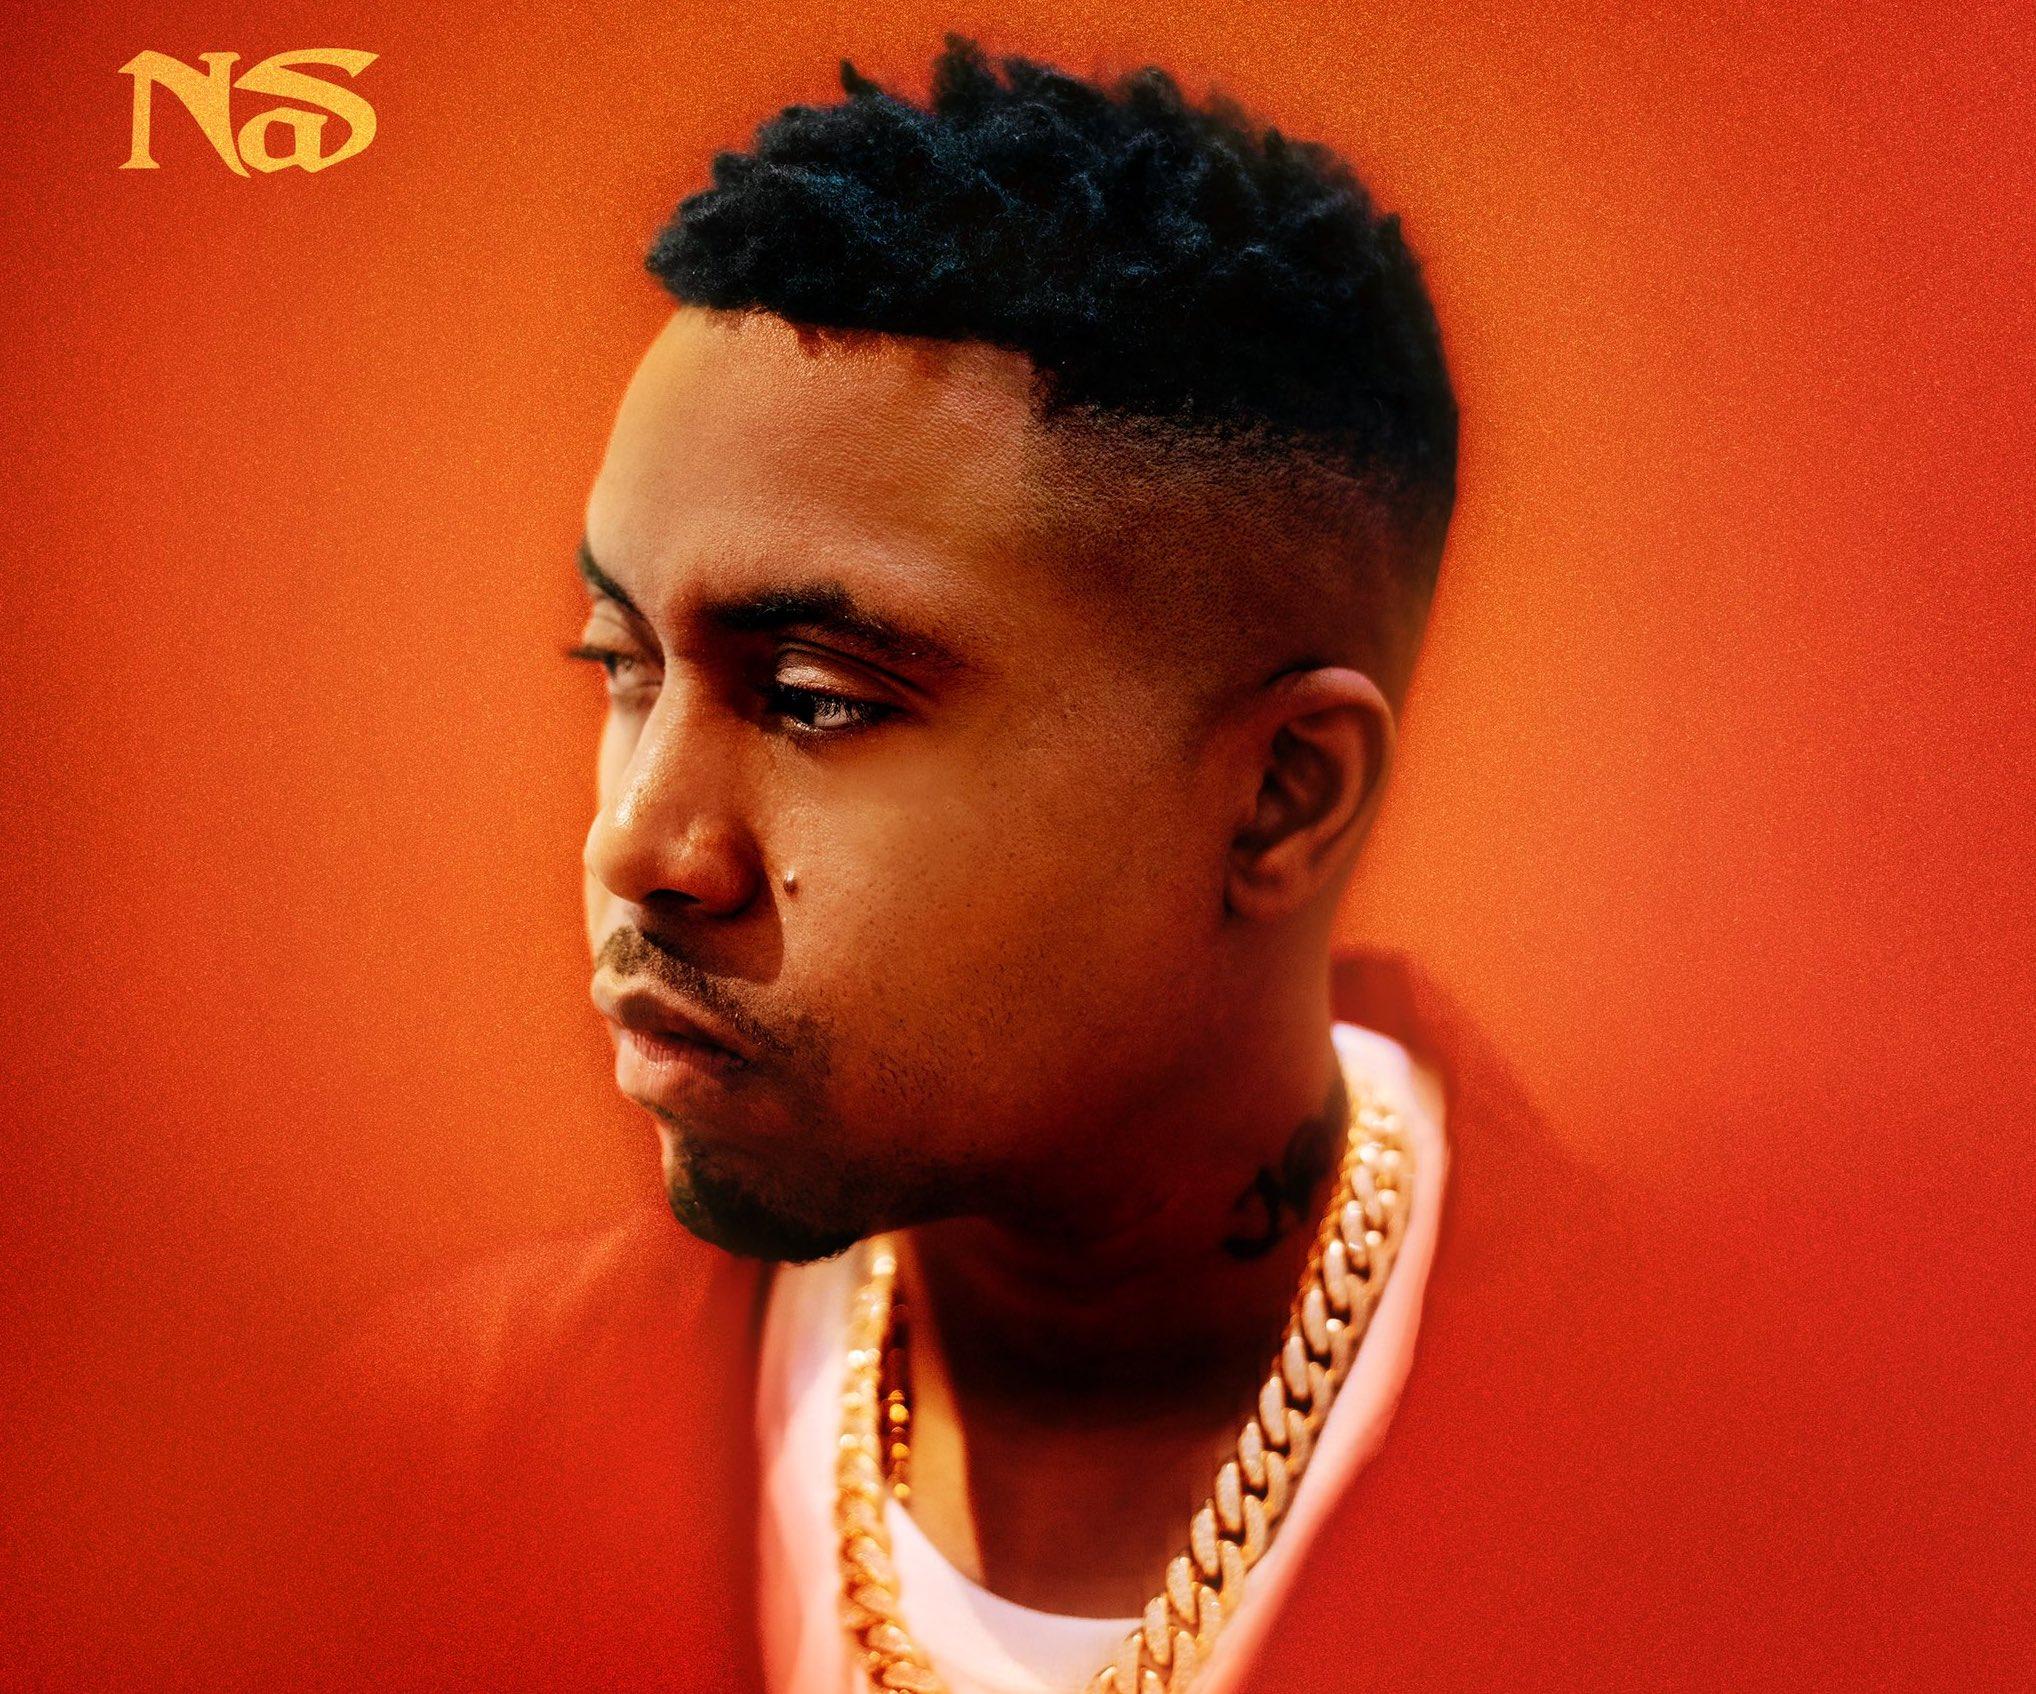 Nas' 'King's Disease II' artwork